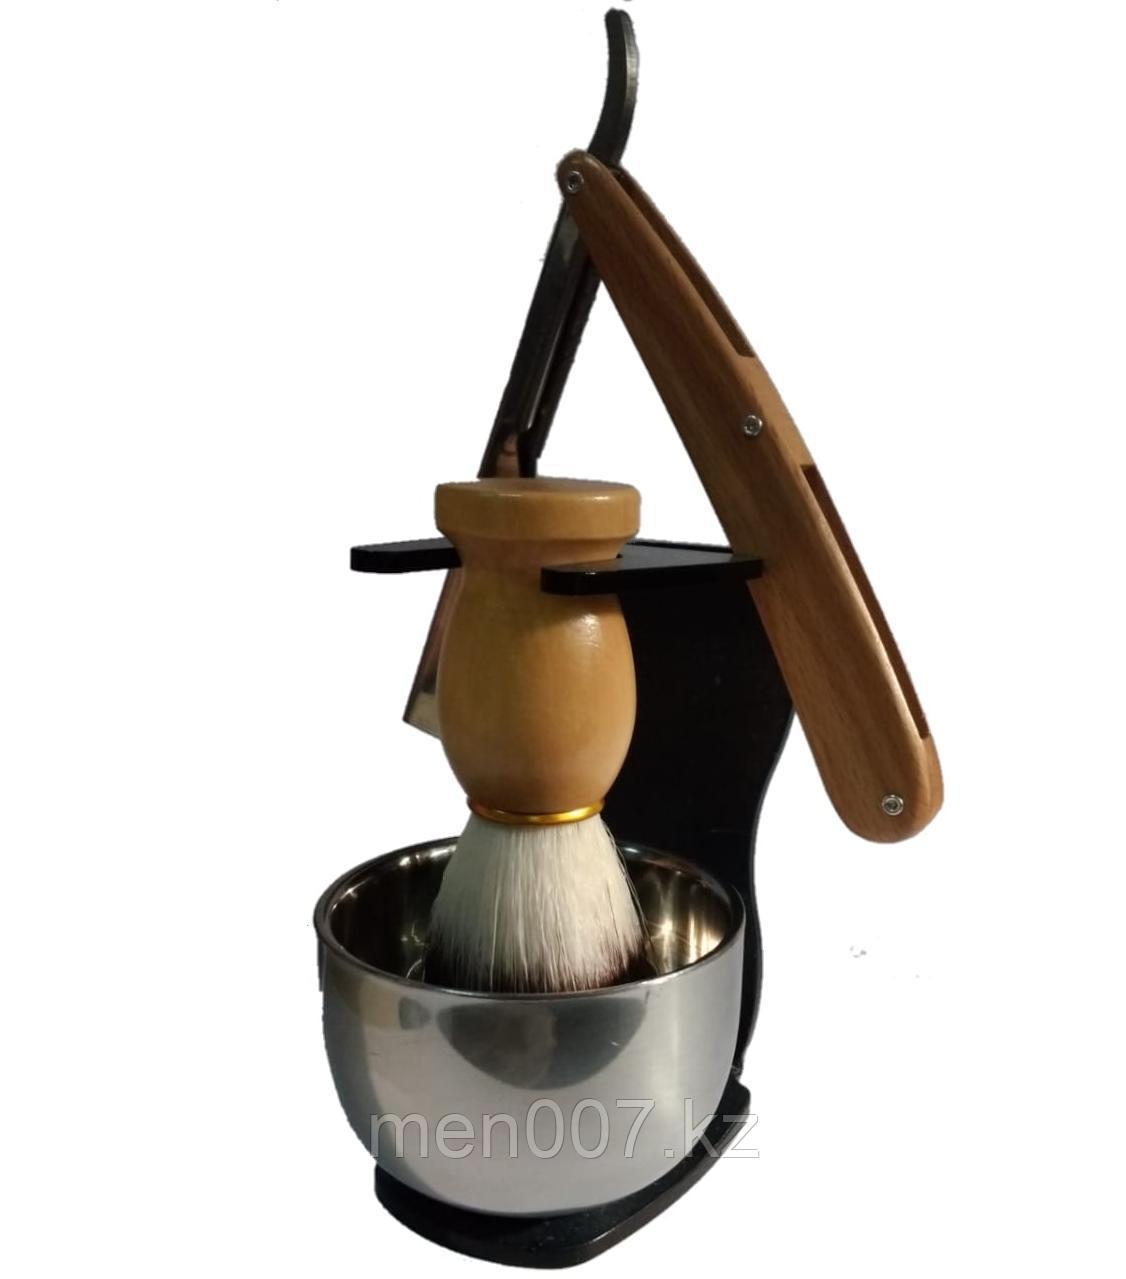 Опасная бритва с деревянной ручкой (шаветта) с помазком, стойкой и металлической чашей